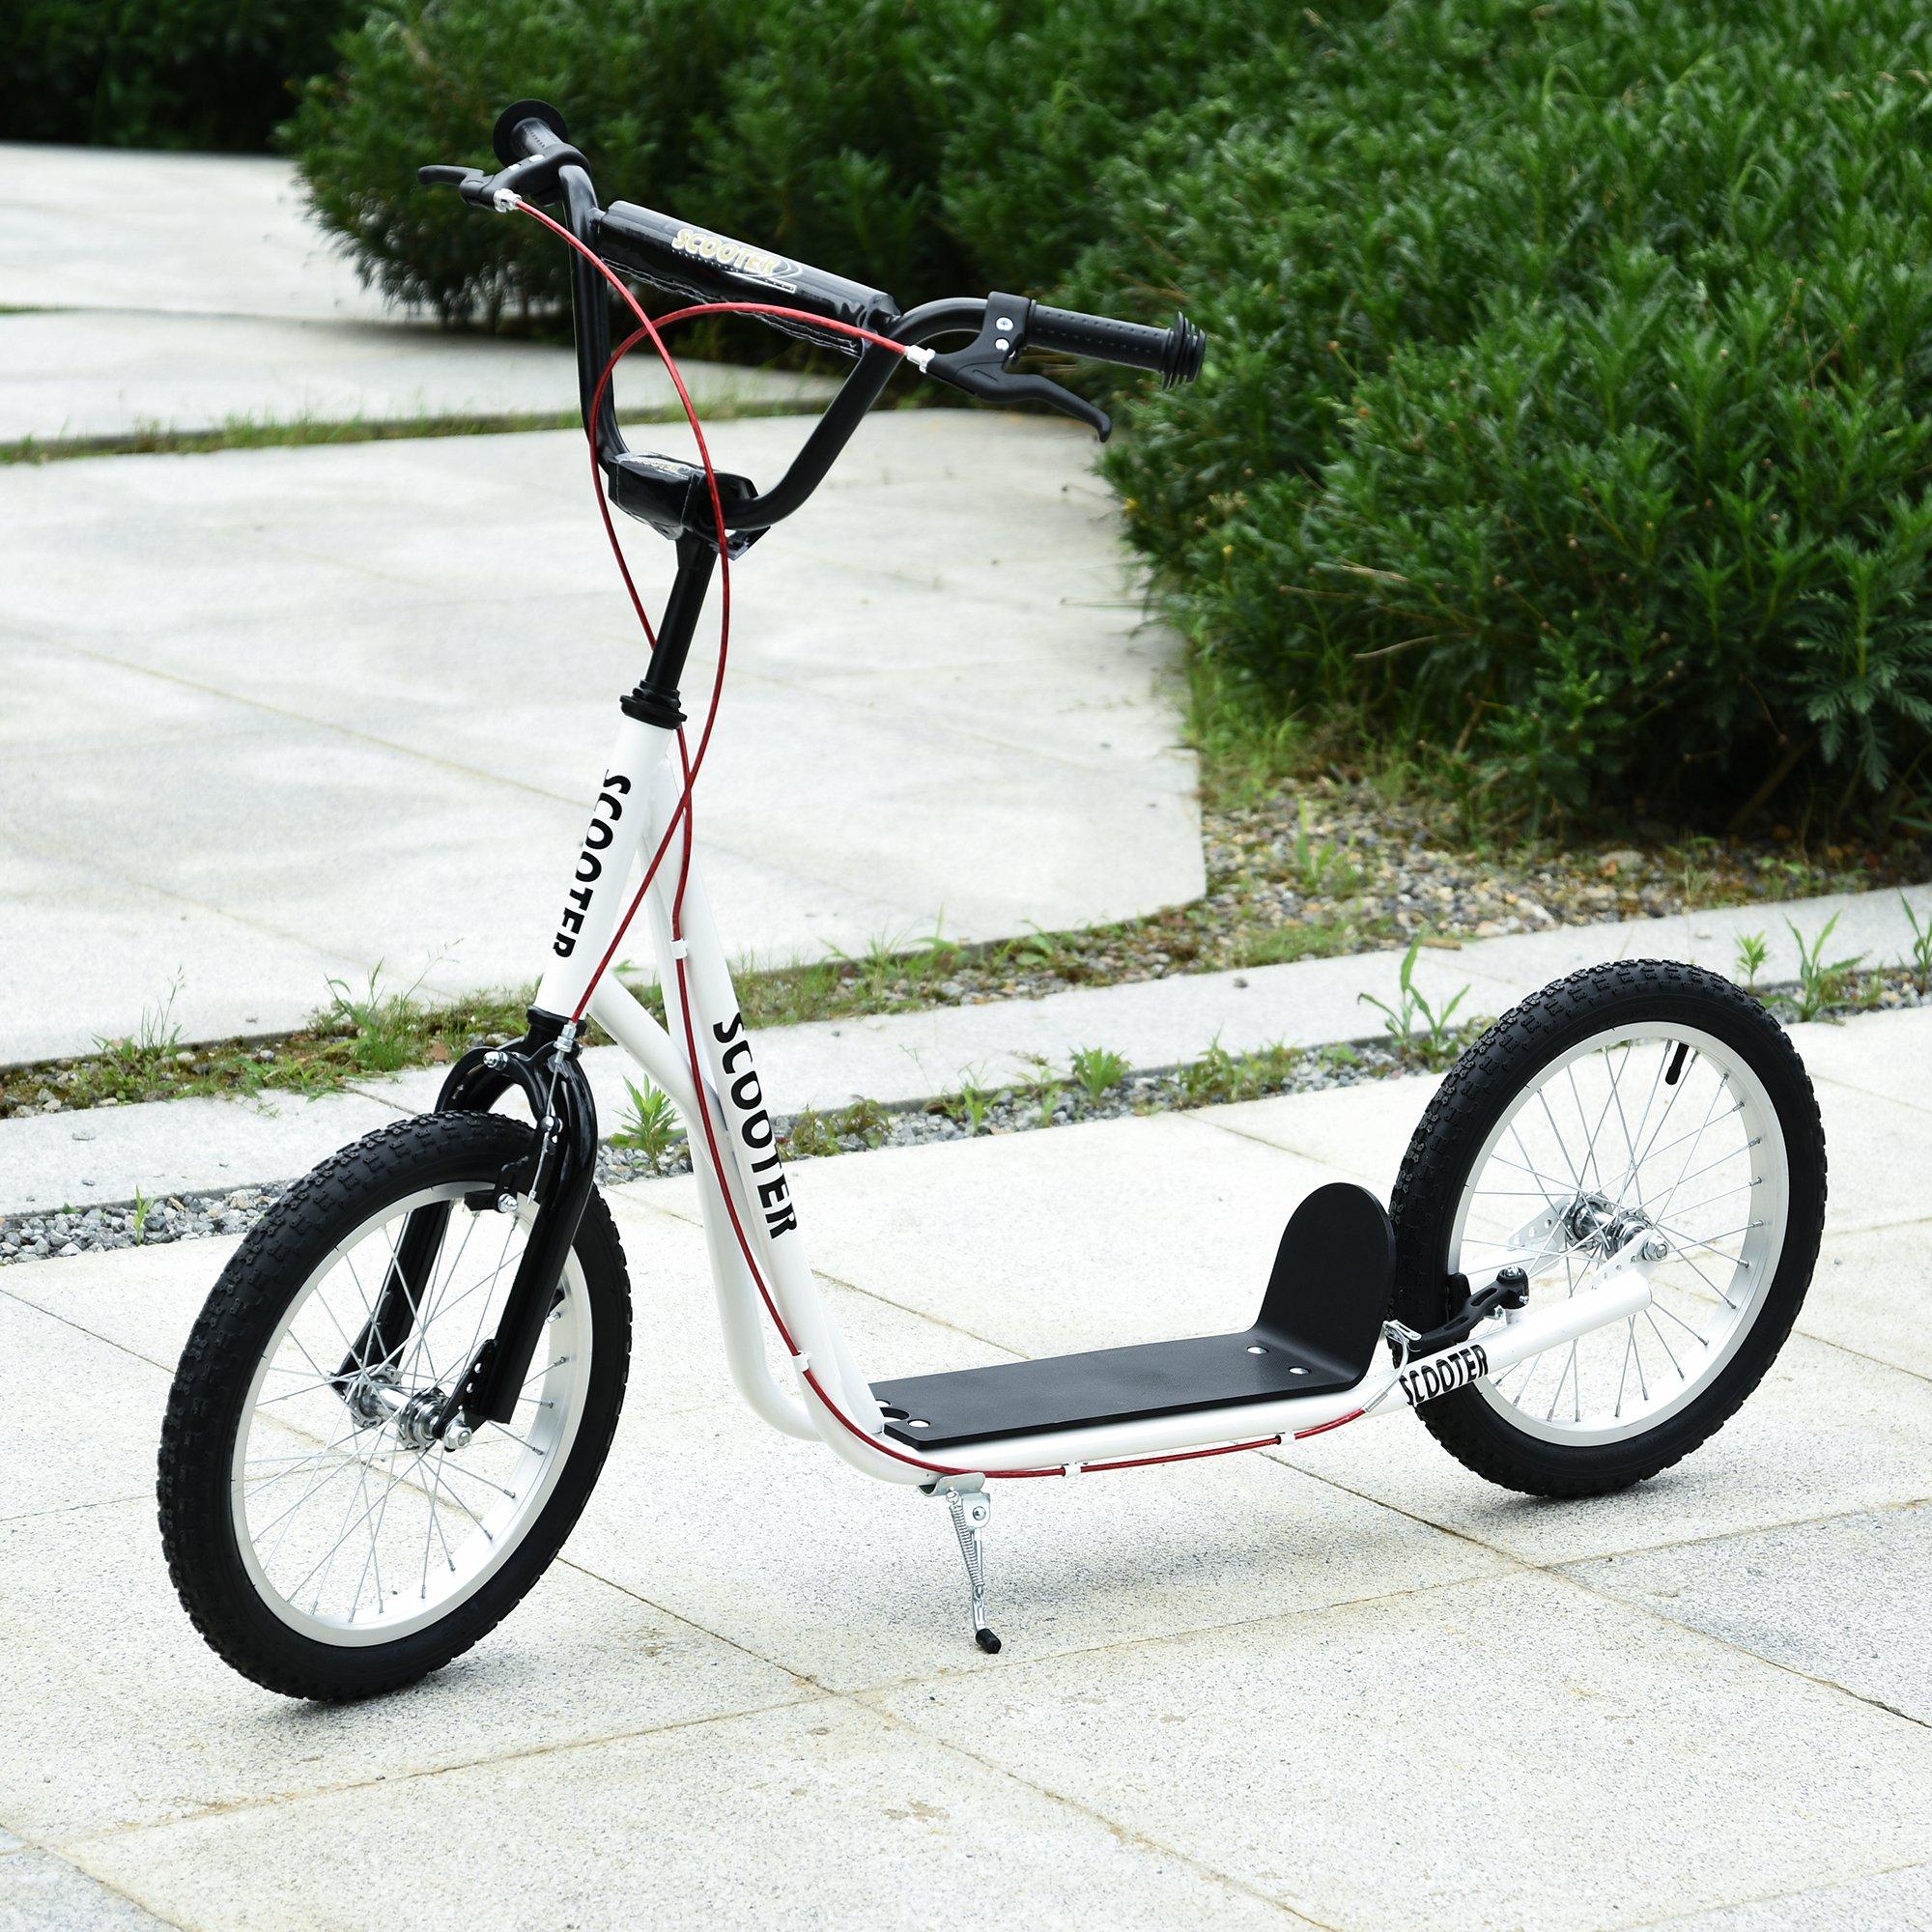 HOMCOM Scooter Patinete para Niños Mayores de 5 Años con Manillar Ajustable en Altura 2 Neumáticos Carga 100 kg 139x58x90-96 cm Blanco